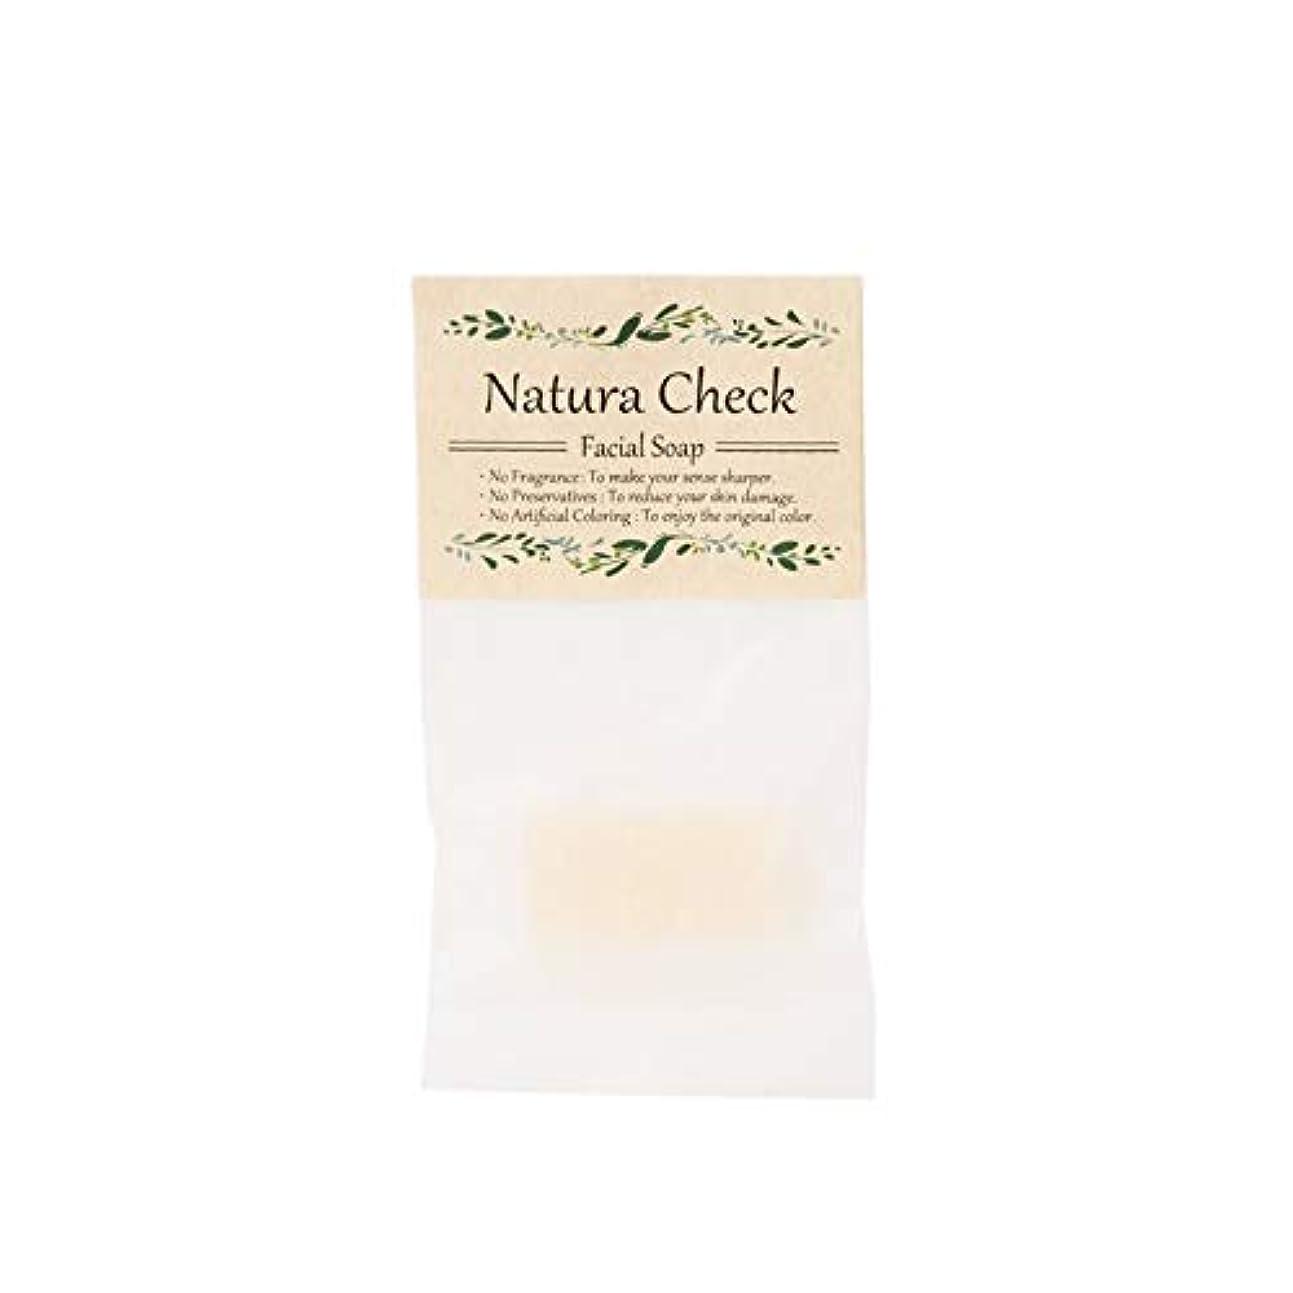 報復事実ハブNatura Check(ナチュラチェック)無添加洗顔せっけん10g お試し?トラベル用サイズ